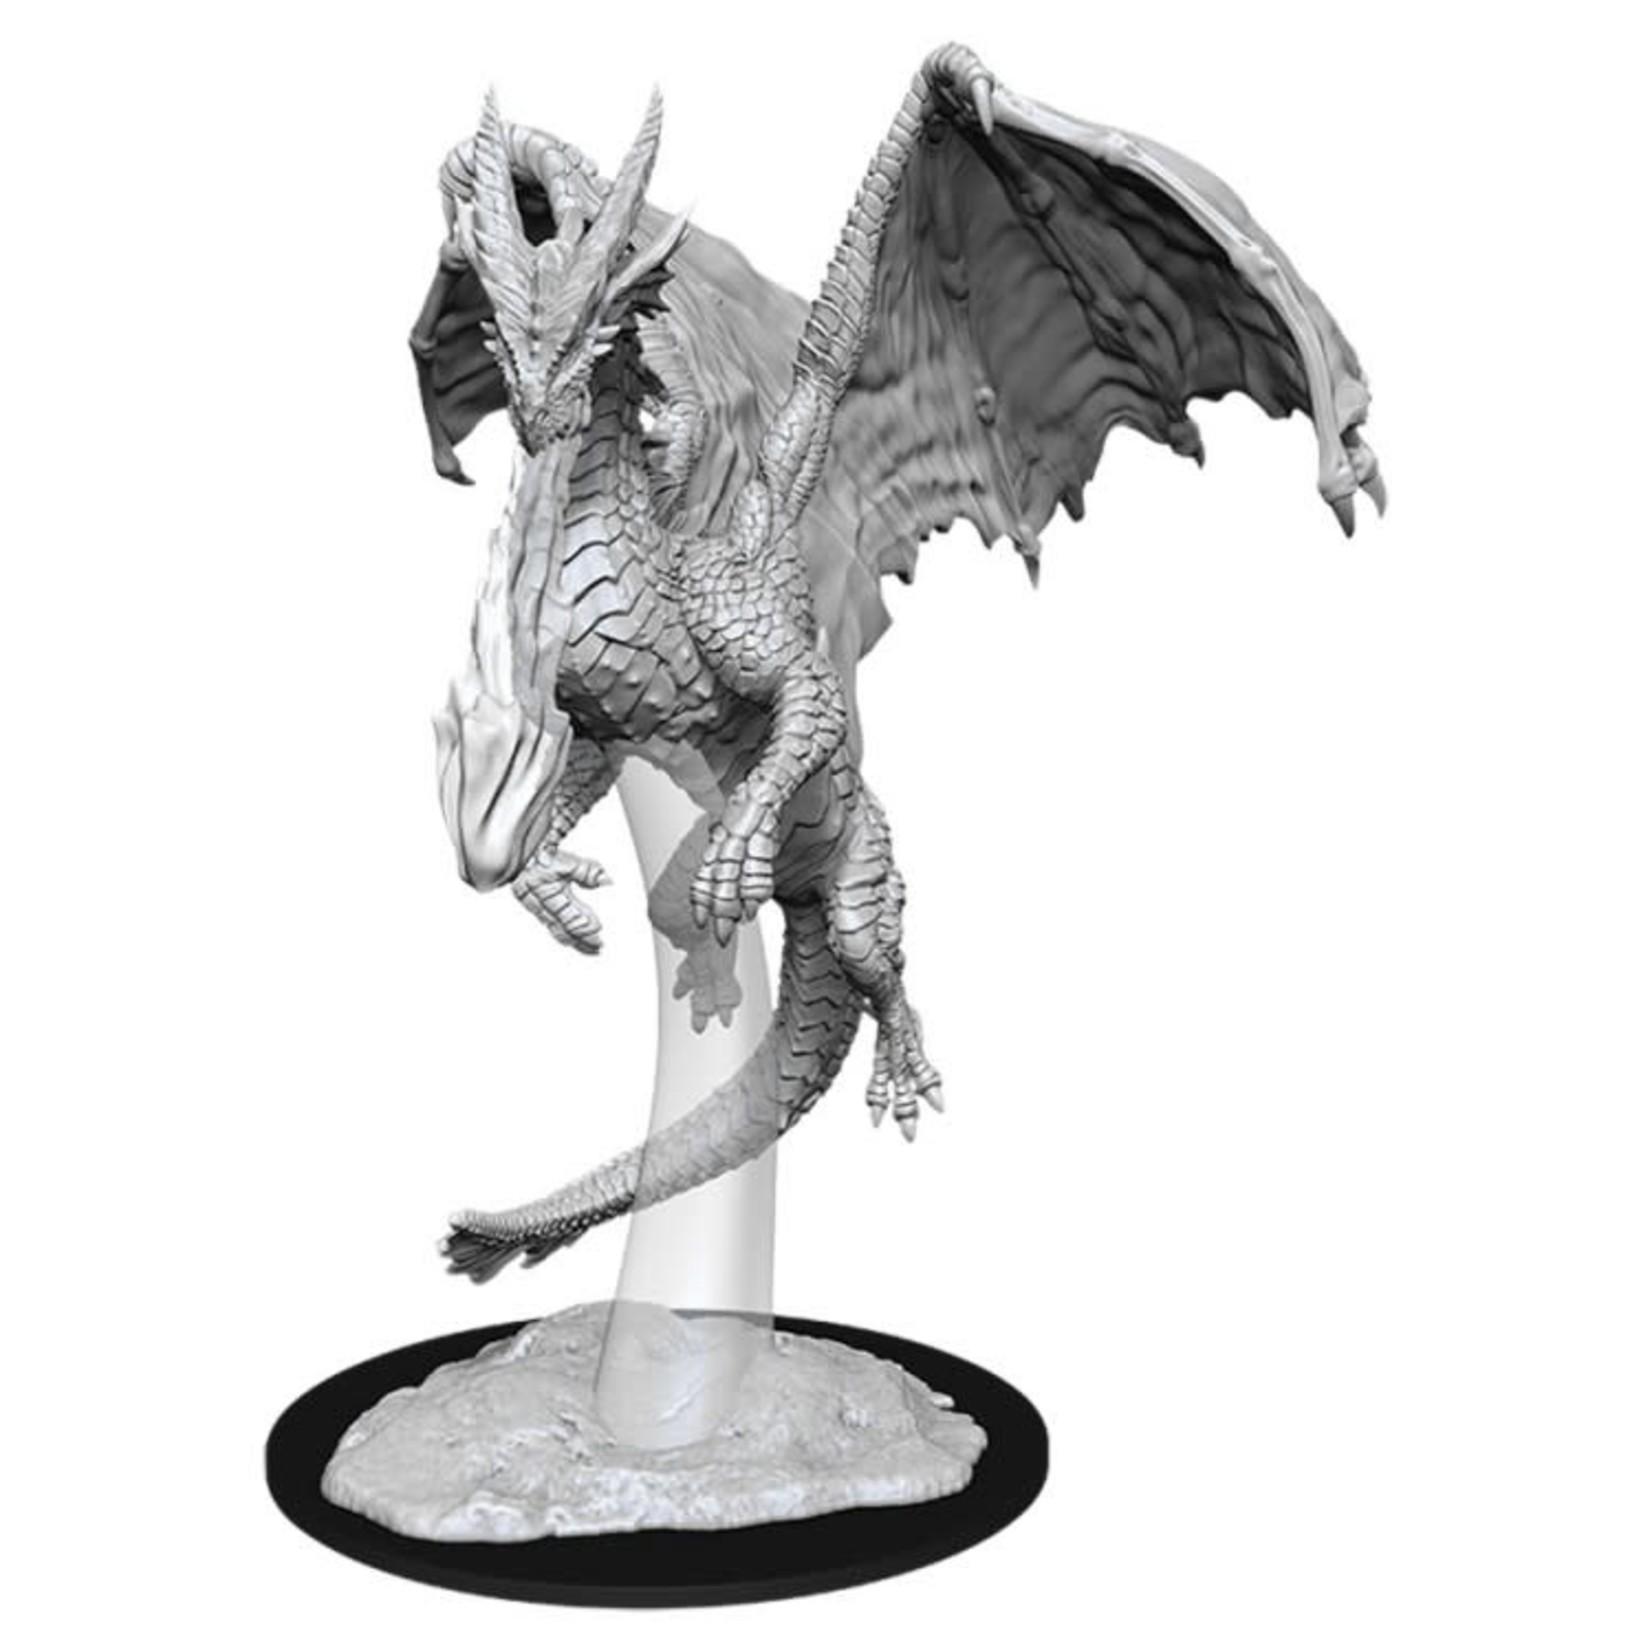 WizKids D&D Nolzur's Marvelous Miniatures: Young Red Dragon (W11)